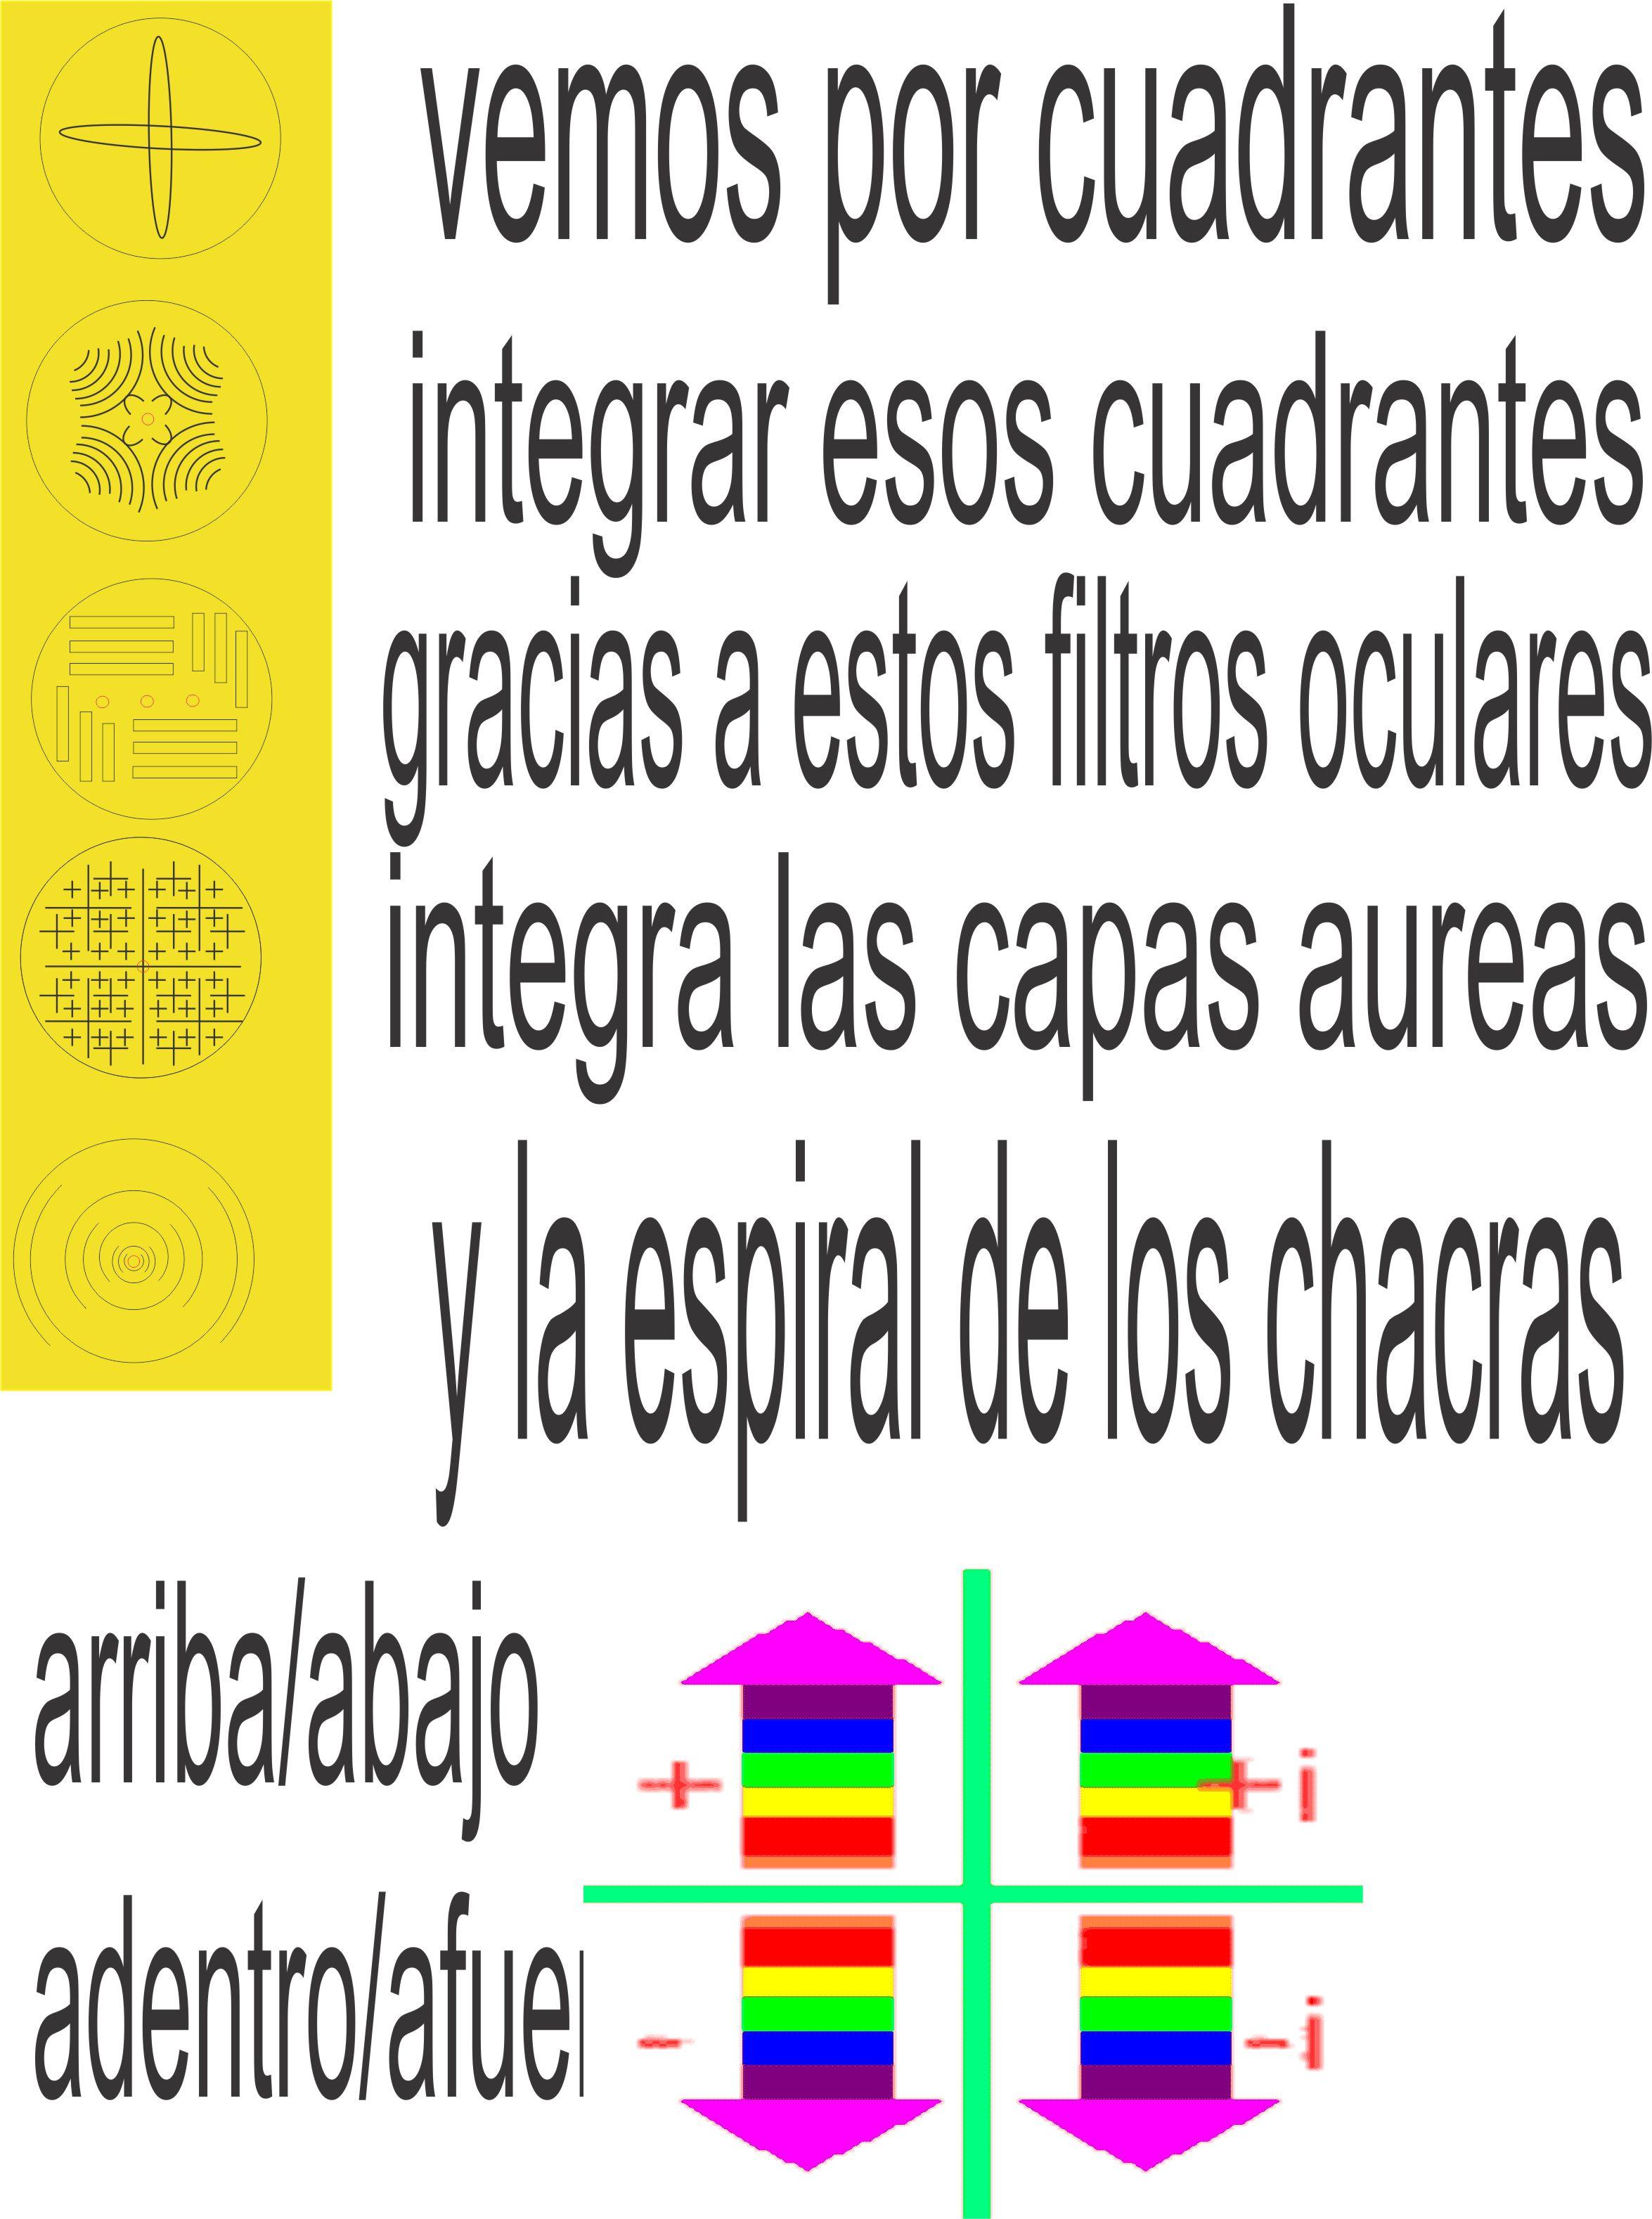 cudrantes2